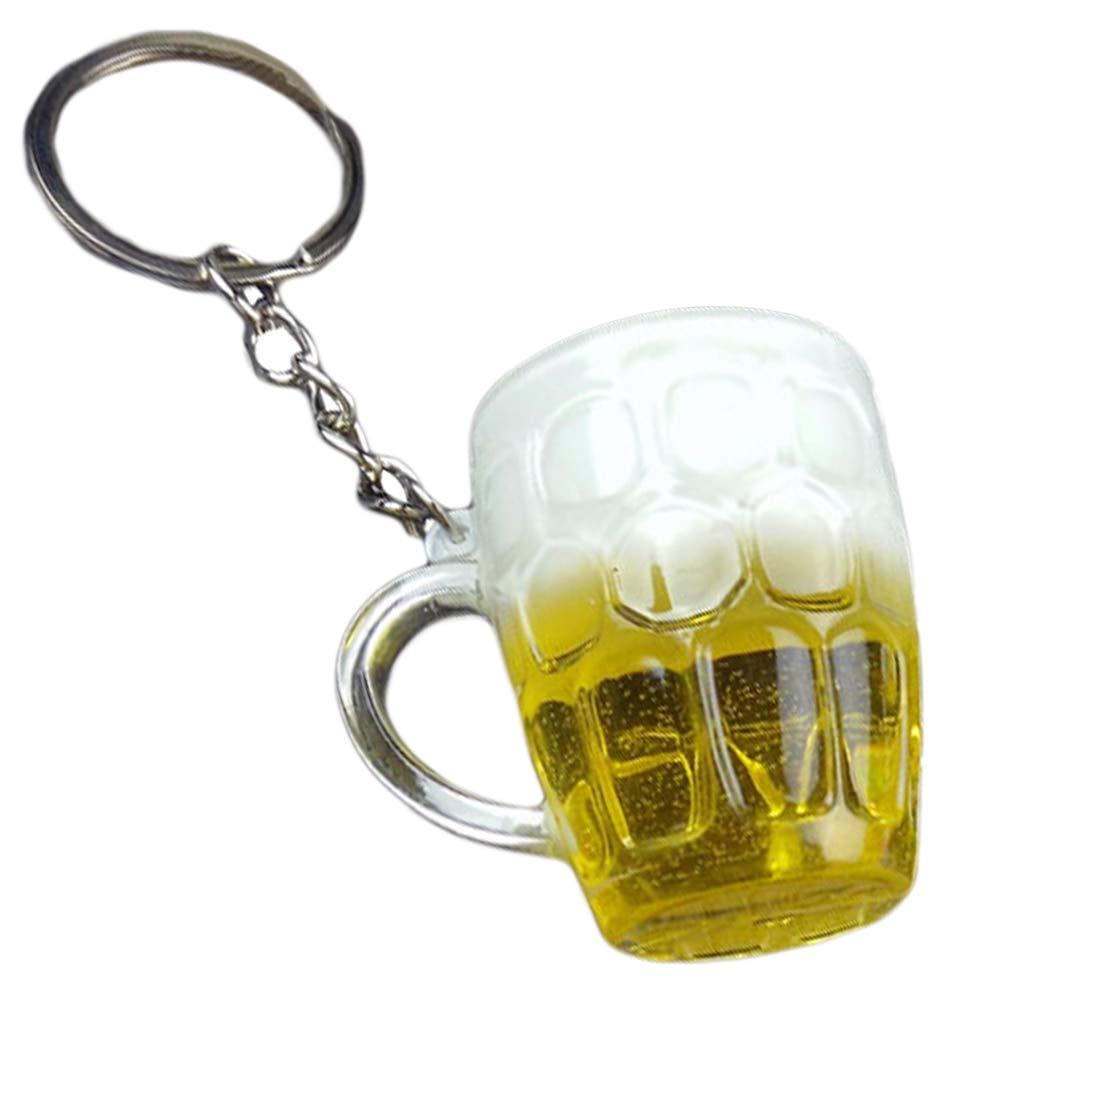 ToneStyle-U Im Freien Harz Bier Tassen Simulation Lebensmittel Handwerk Keychain Für Auto Tasche Schlüsselanhänger Anhänger Zubehör Geschenk